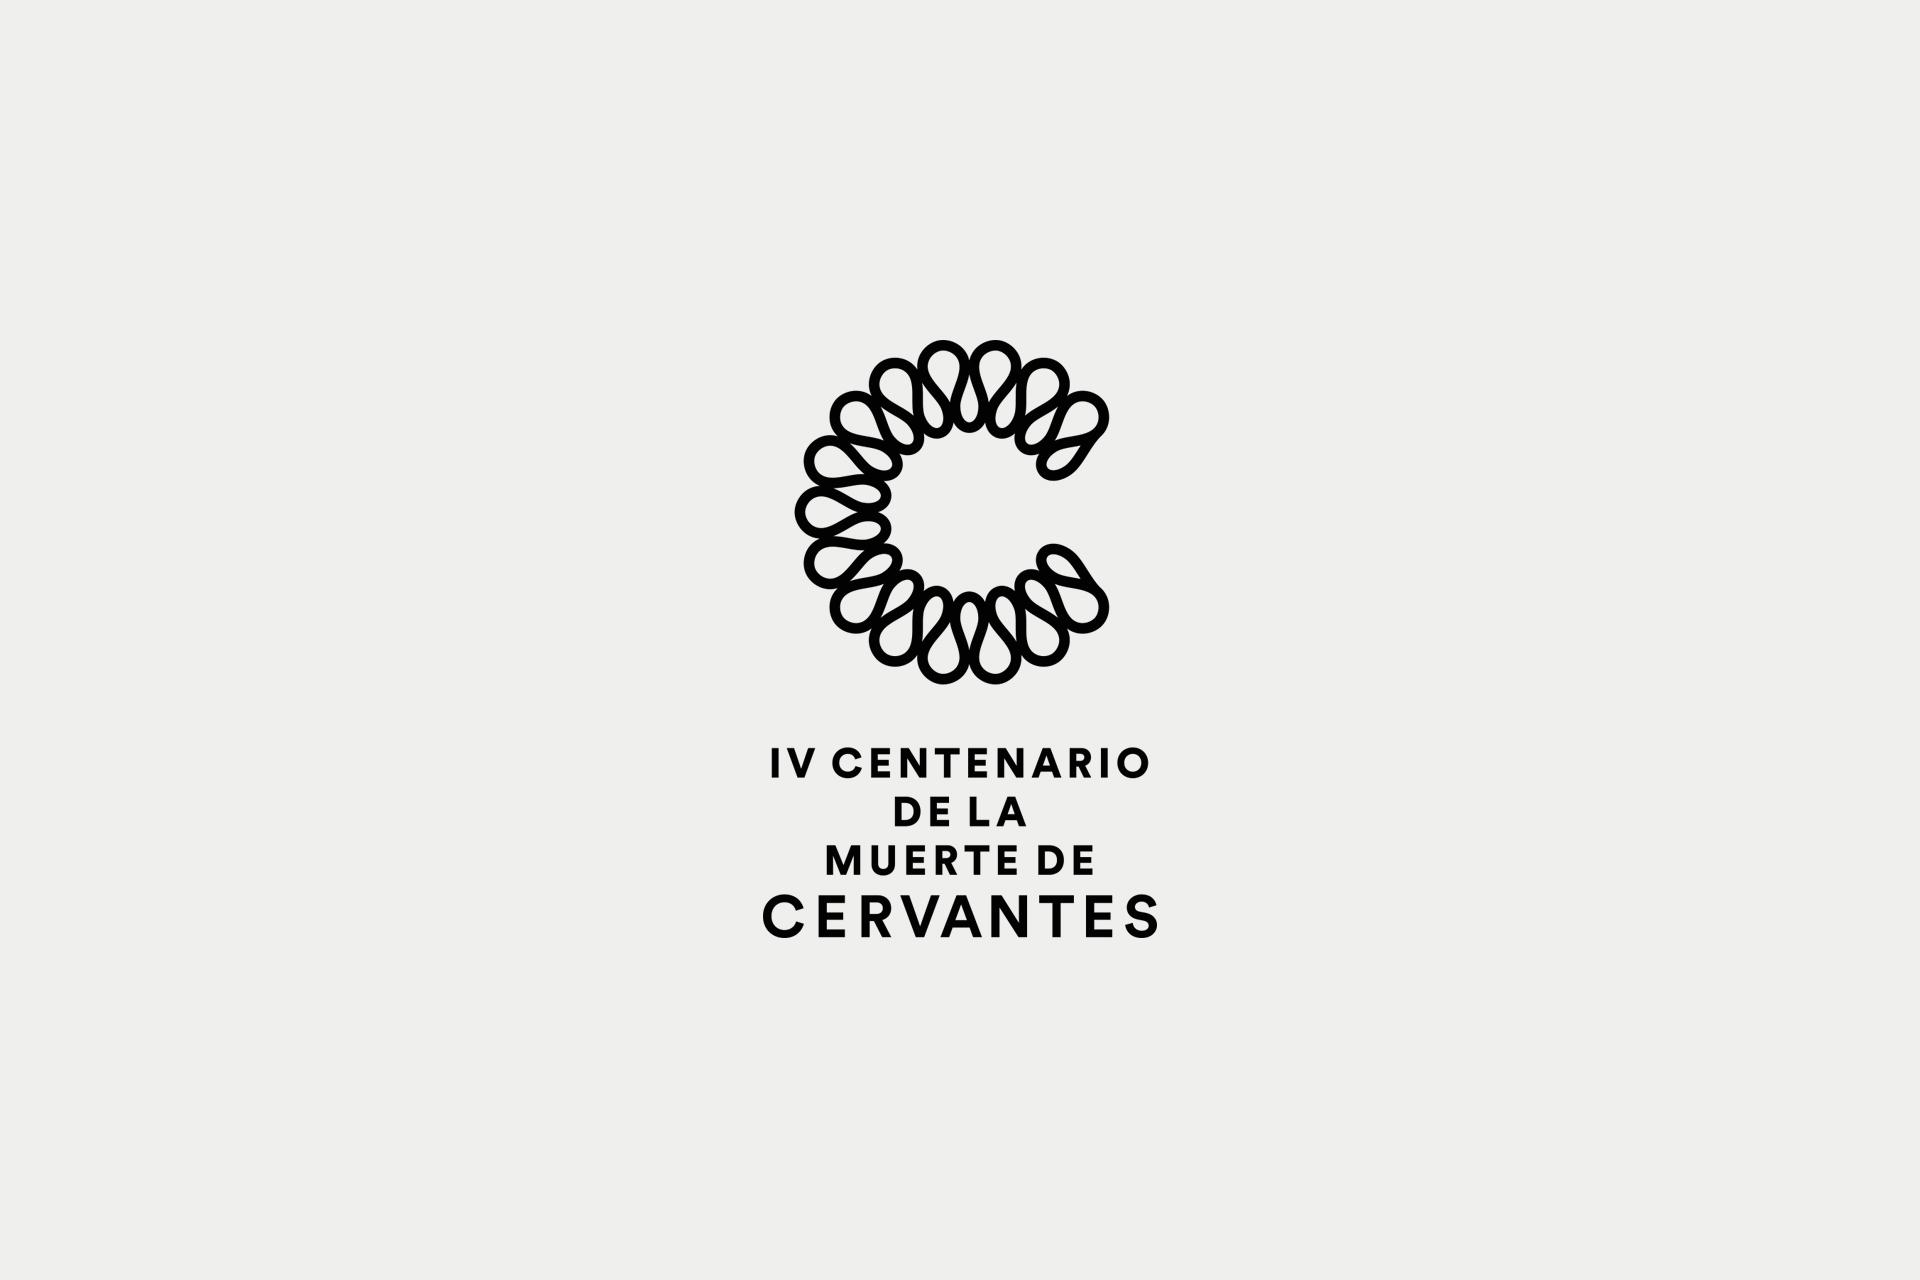 identidad visual corporativa Cervantes centenario diseño gráfico